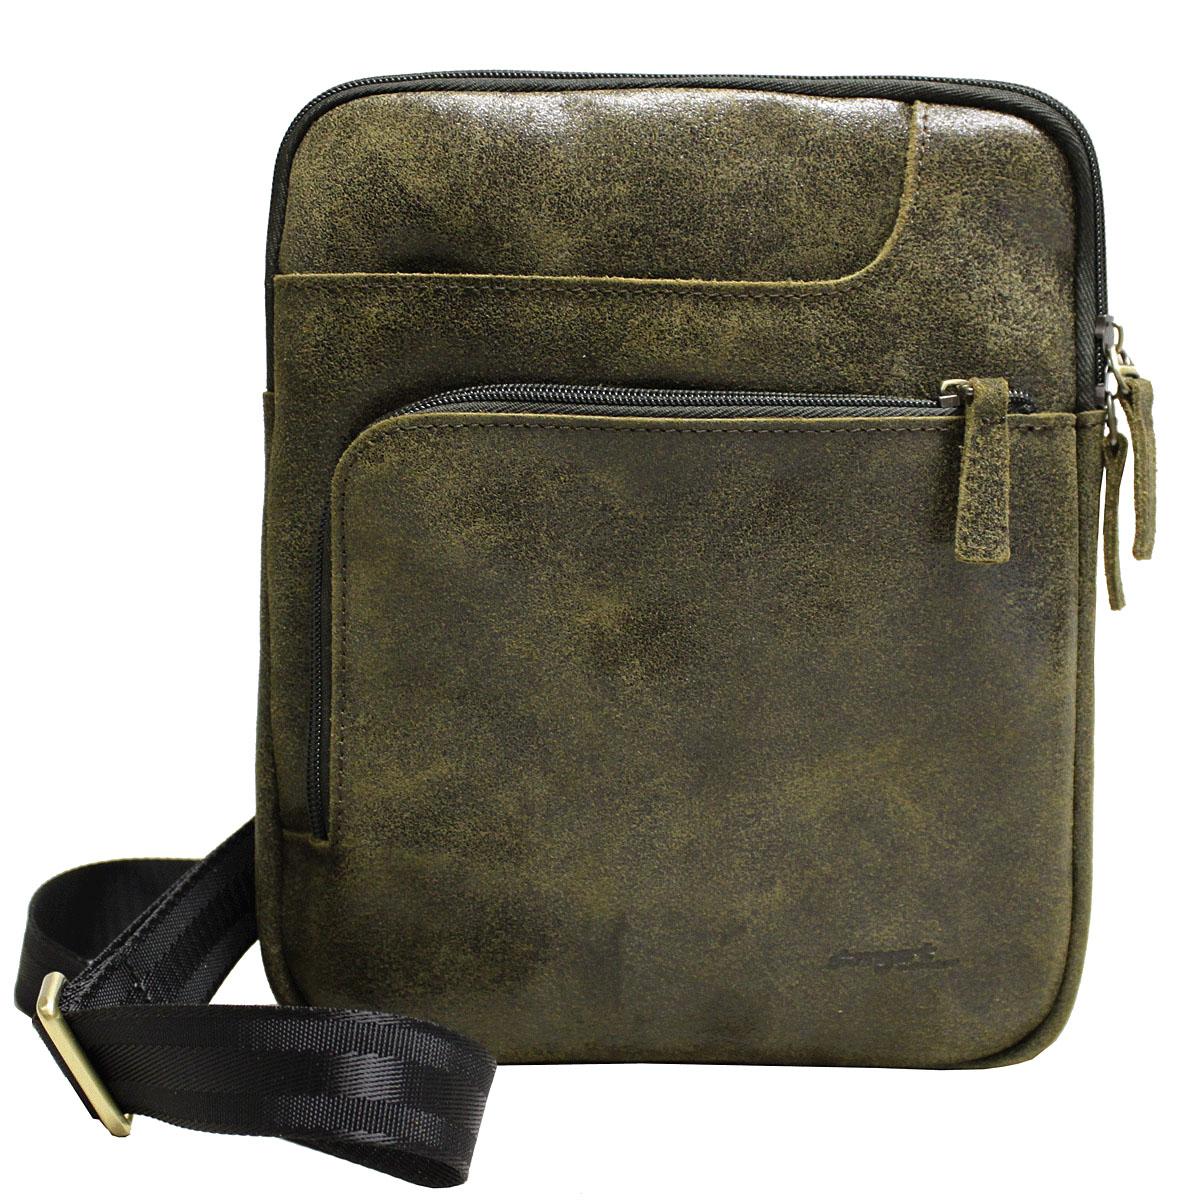 Сумка-планшет мужская Edmins Smart by Edmins, цвет: хаки. 15С681КОЗ23008Мужская сумка Edmins имеет одно отделение, закрывающееся на застежку-молнию. Оснащена регулируемым плечевым ремнем. C тыльной стороны сумки расположен прорезной карман на застежке-молнии. С передней стороны имеется накладной карман на молнии и накладной карман на магните.